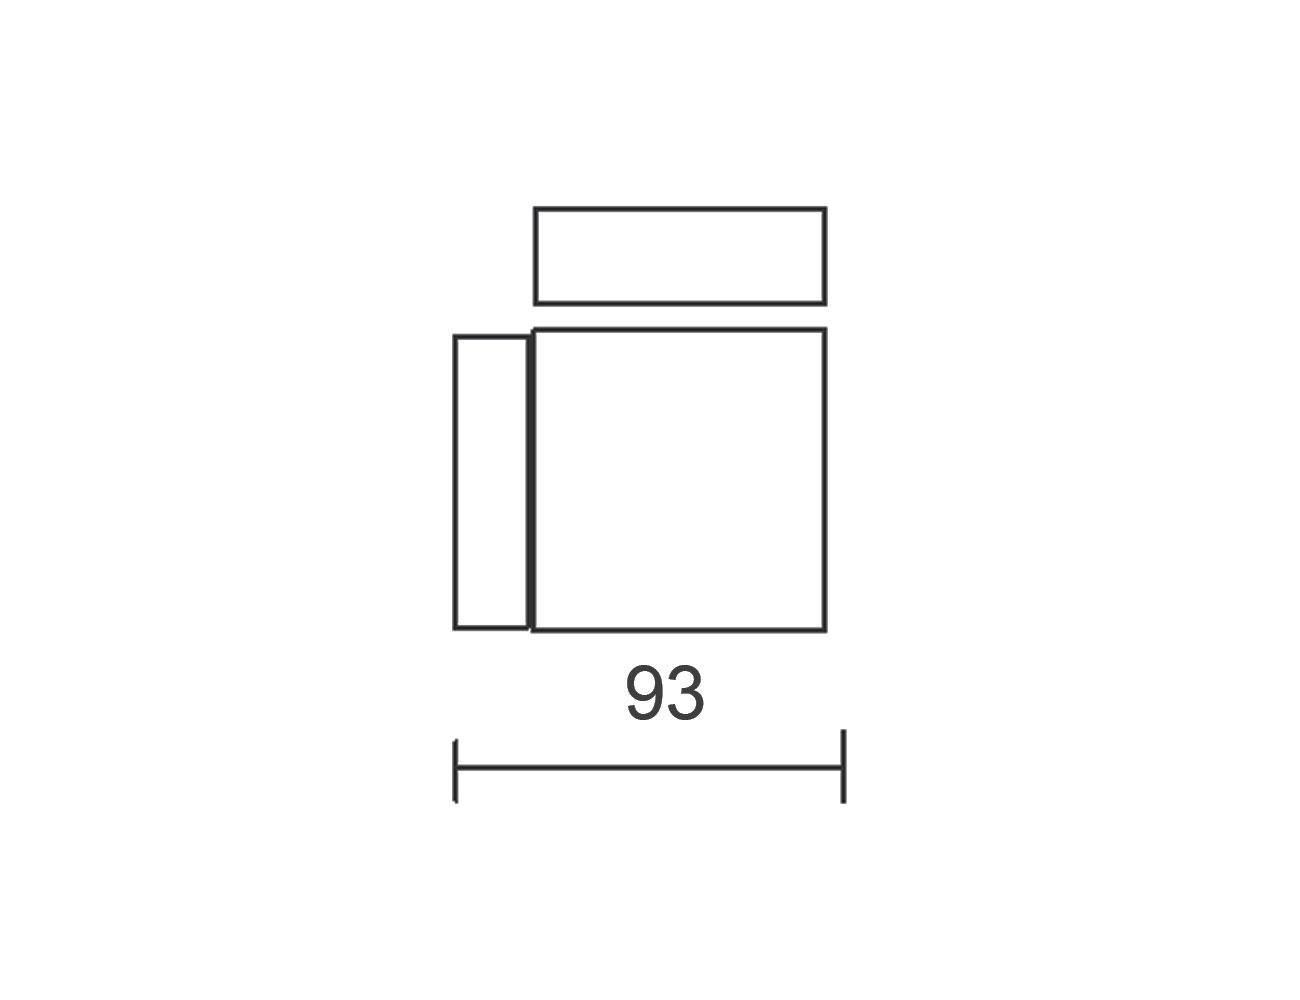 Modulo 932